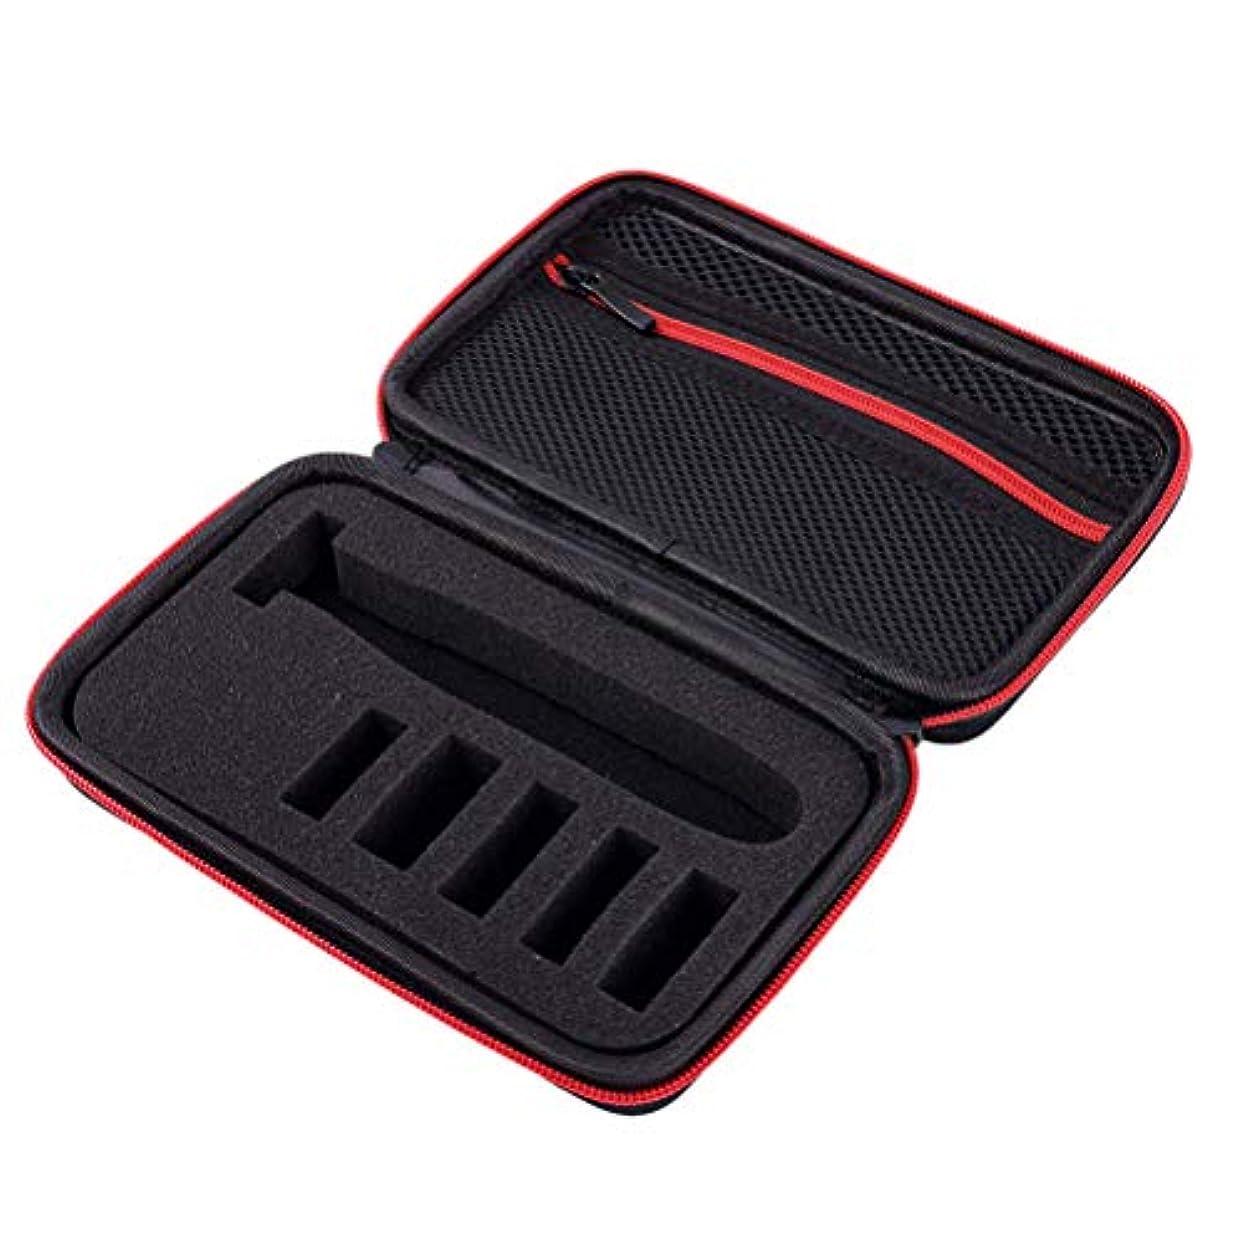 ピンポイントメルボルン昼寝CUHAWUDBA シェーバーケーストラベル電気シェーバー収納オーガナイザー キャリングバッグ(レッドジッパー、モデルQp2530 / 2520に適用可能)